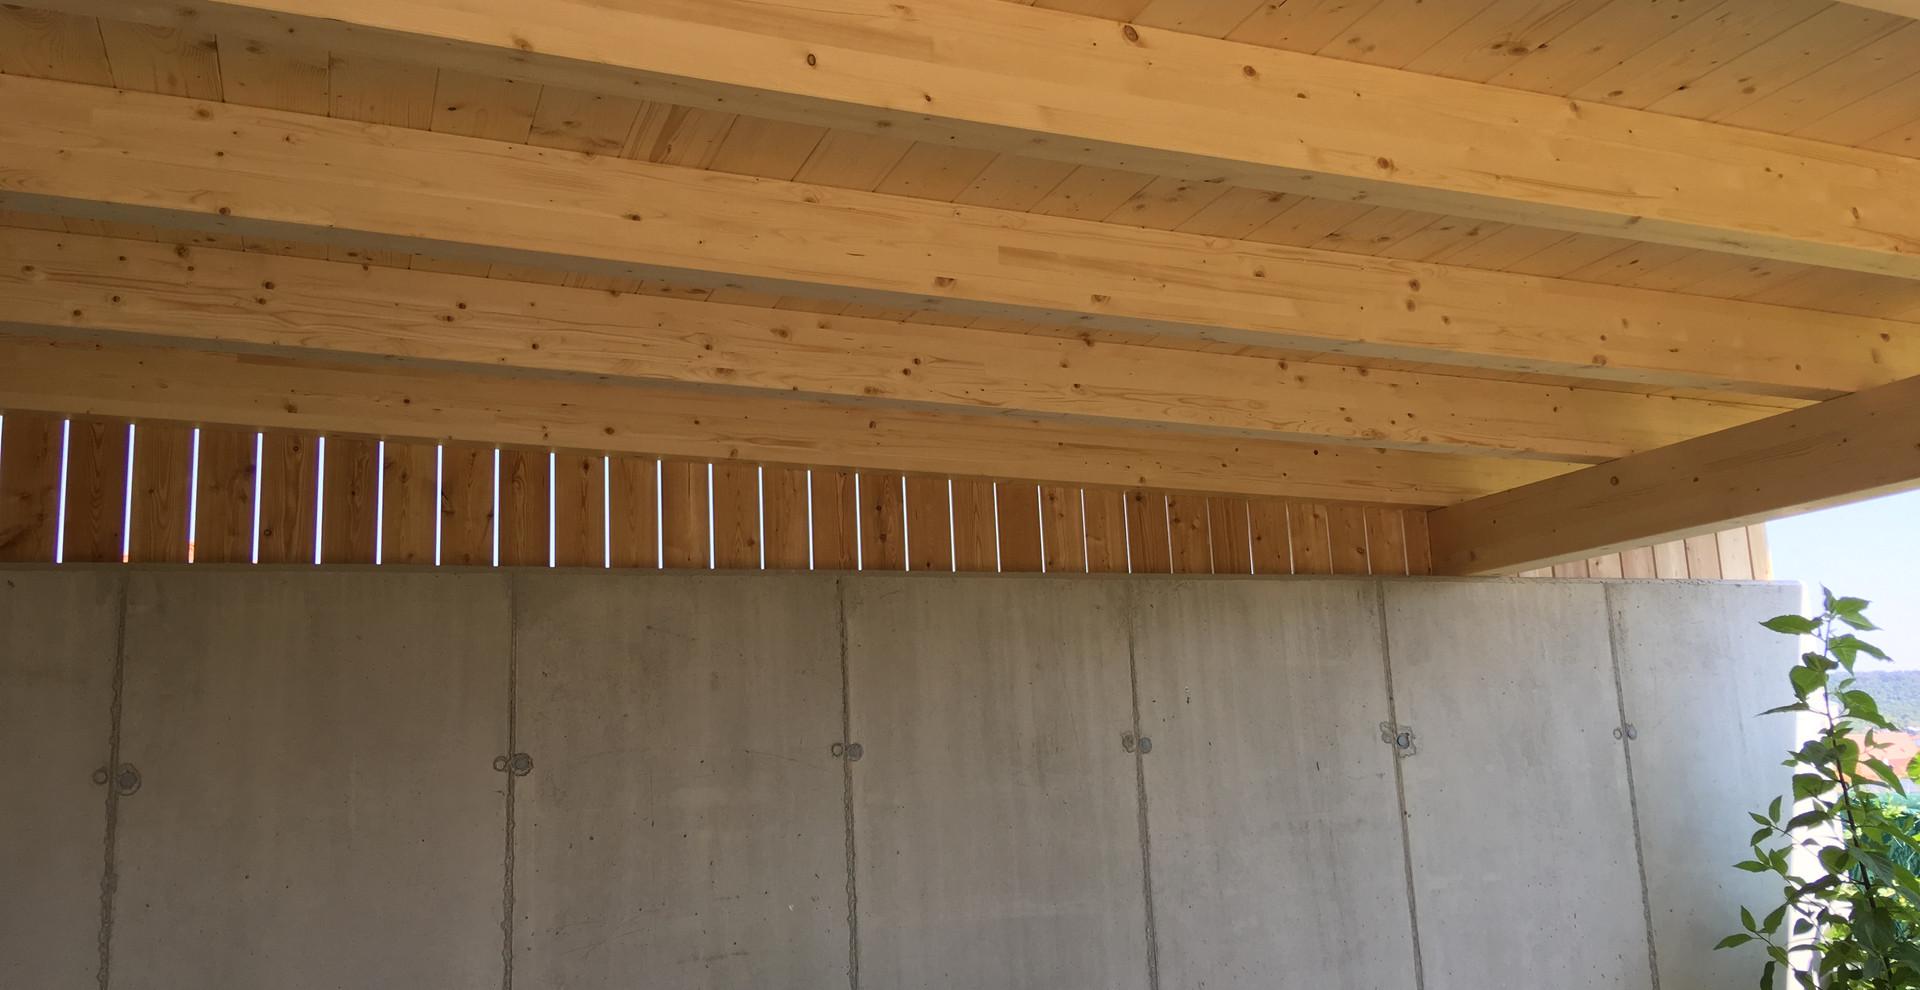 Dachkonstruktion in Brettschichtholz